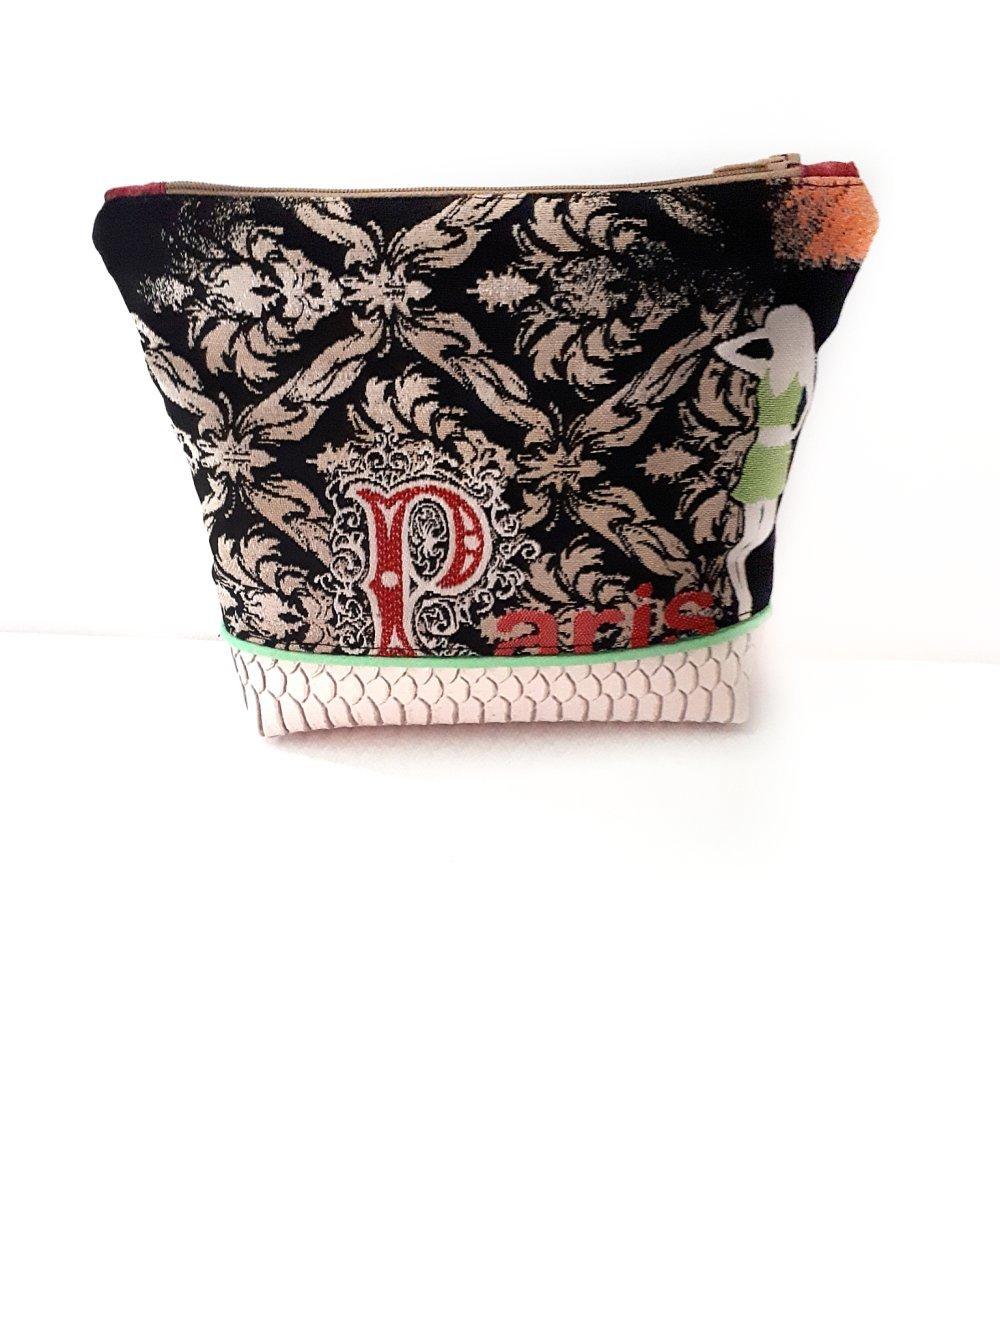 Trousse maquillage moderne tissu noir, pochette rangement pour sac simili cuir blanc cosmétiques trousse pour sac